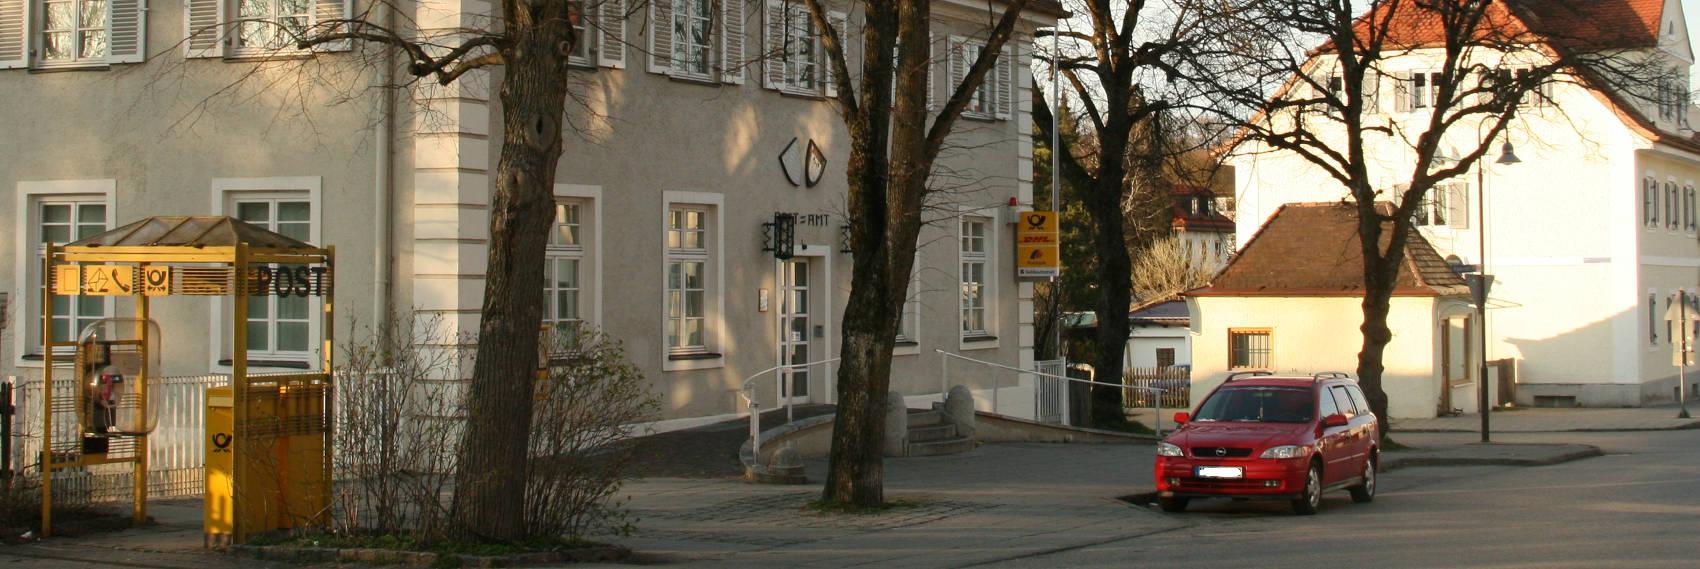 Immobilienmakler Penzberg verzeichnis branchen penzberg informationen